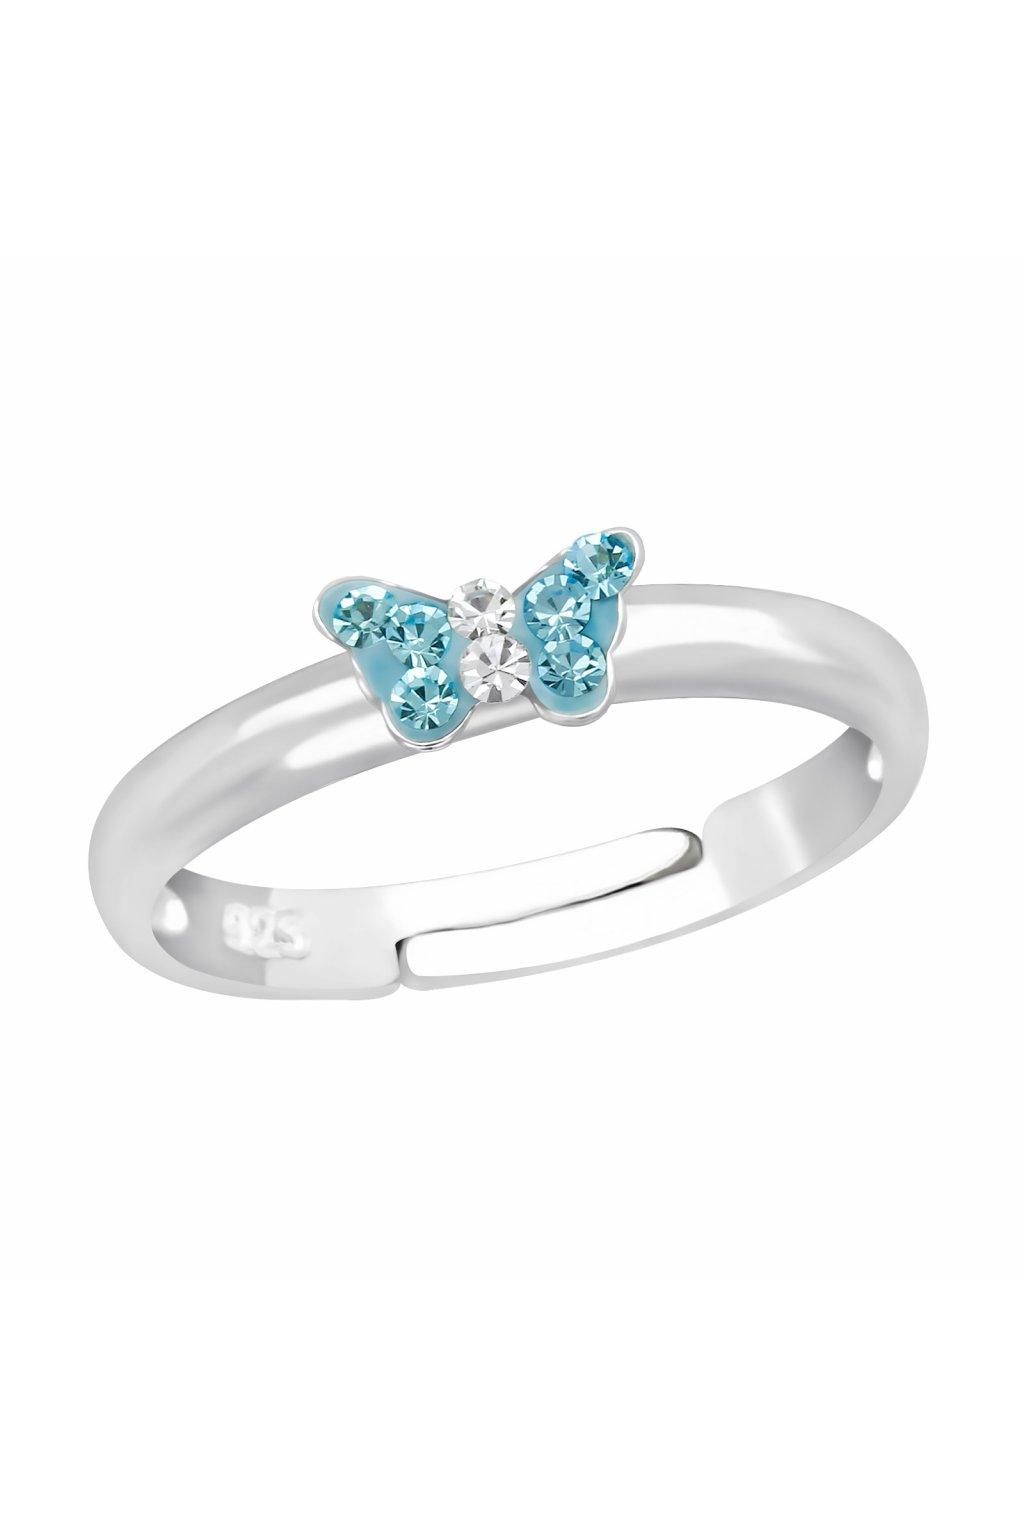 Stříbrný dětský prstýnek modrý motýlek